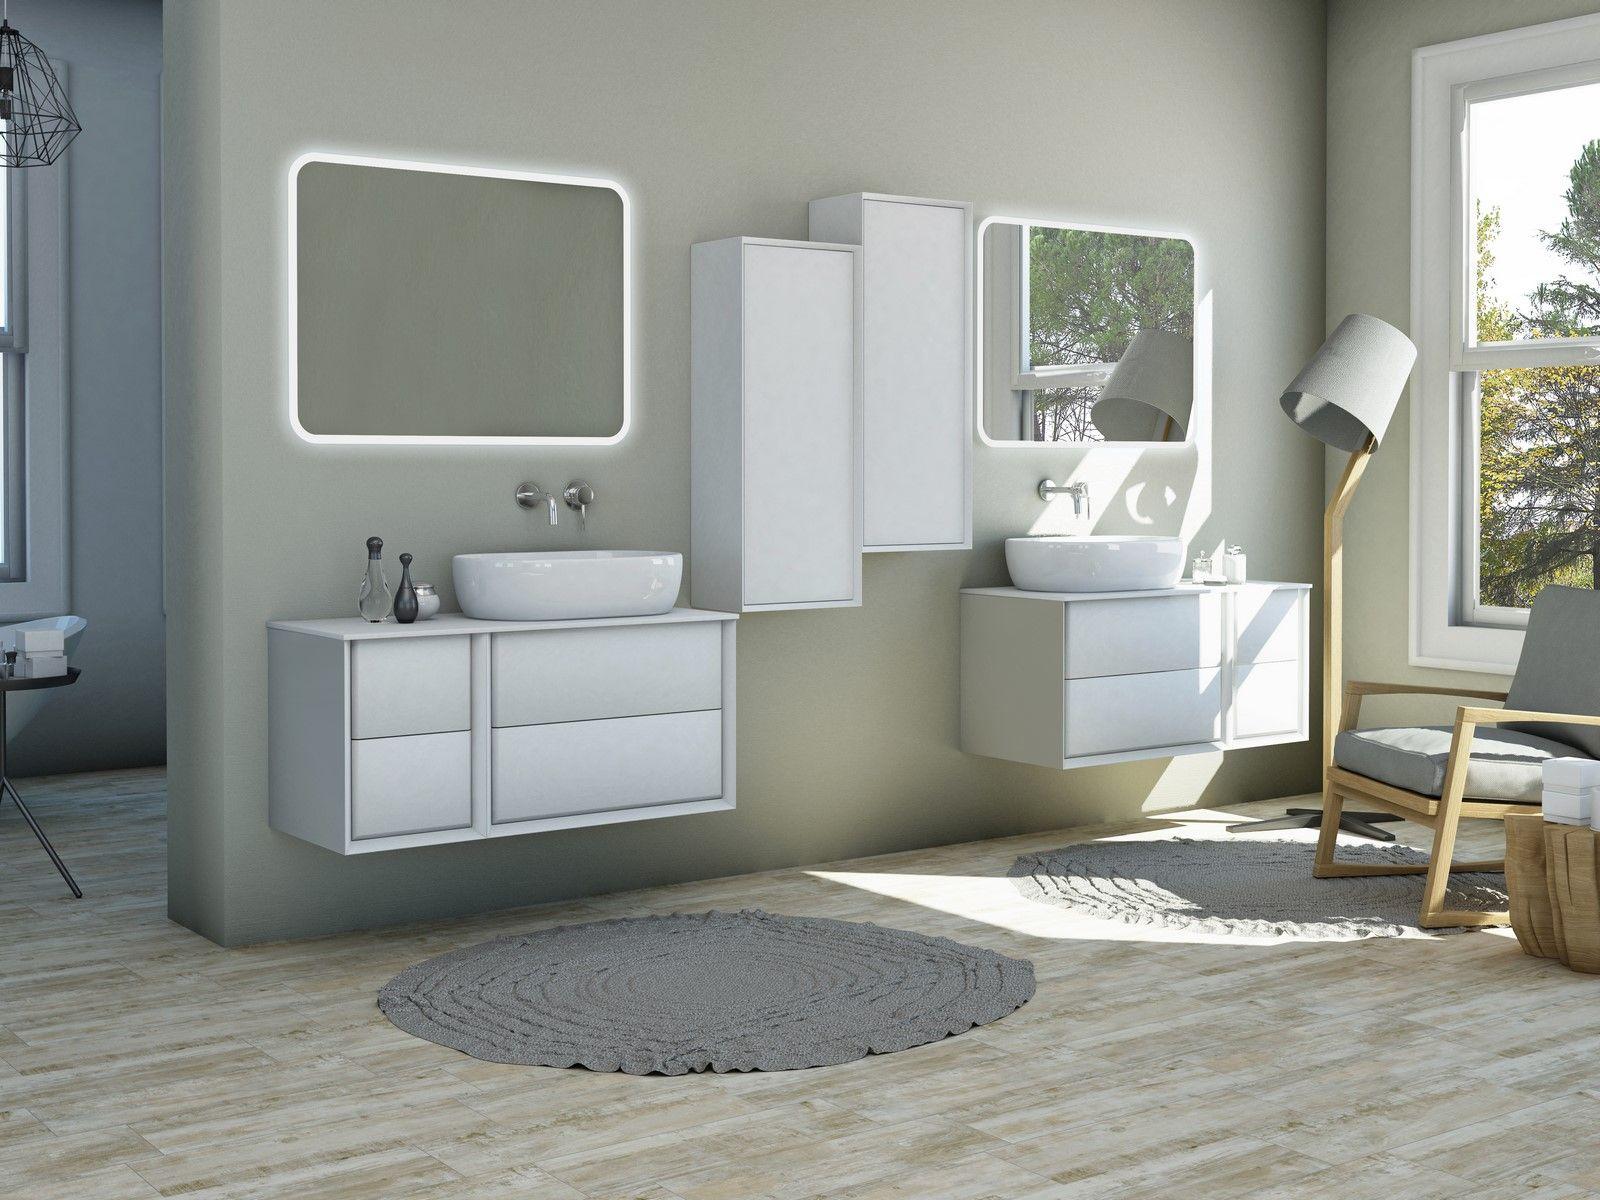 Mobile da bagno best con topo in legno mdf o in pietra for Mobile bagno bianco